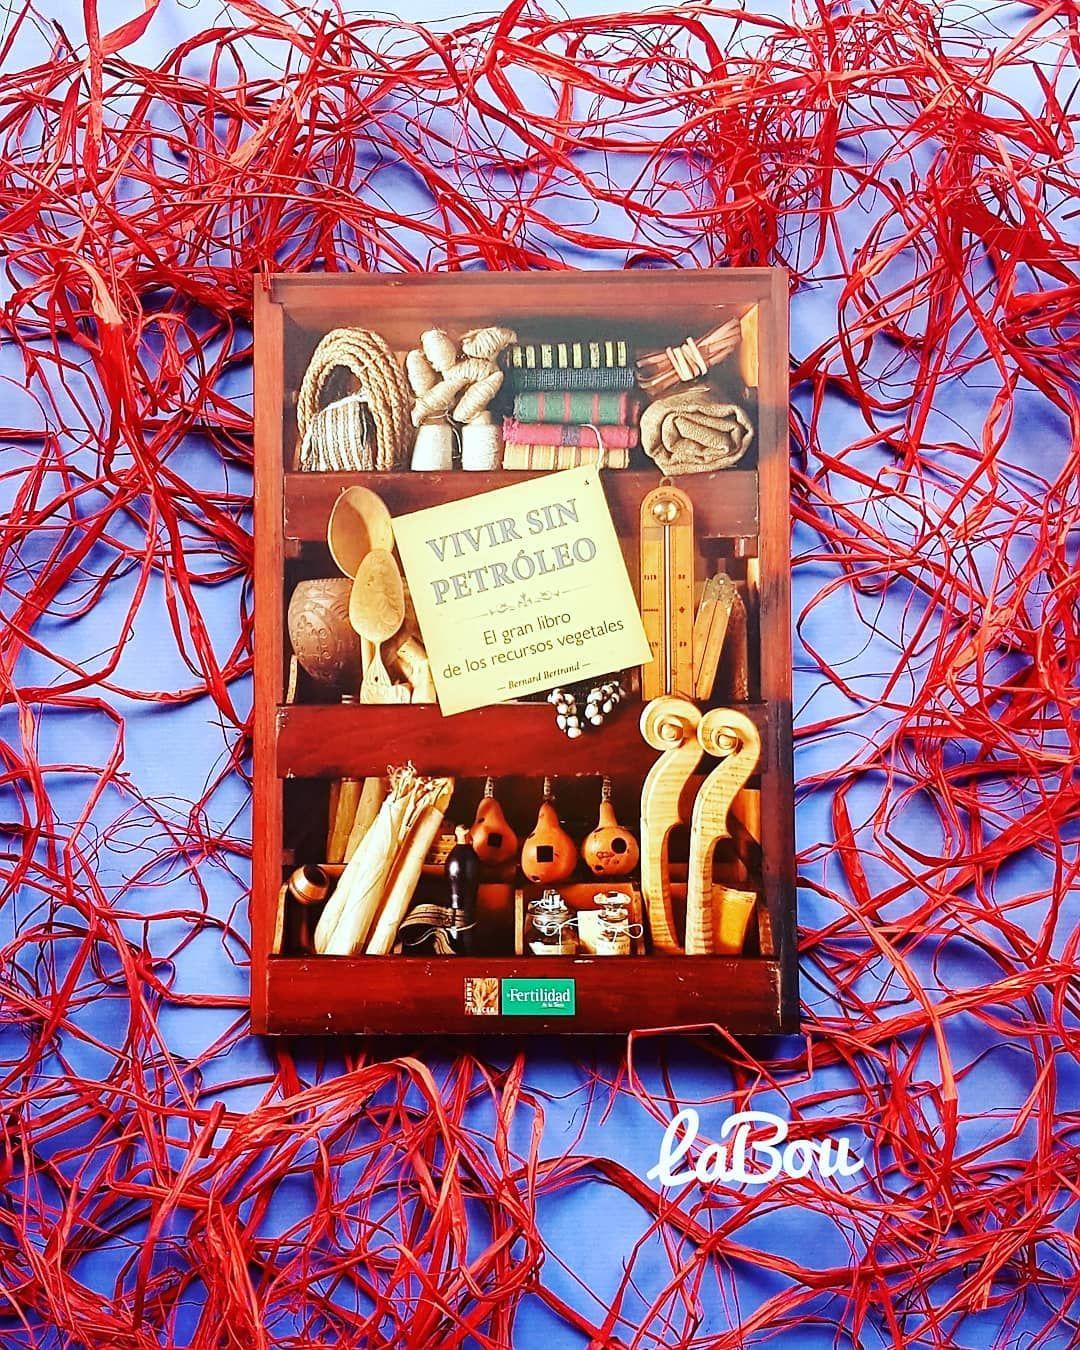 Hace Apenas 70 Anos El Petroleo Y Sus Innumerables Derivados Aun No Estaban Omnipresentes En Nuestra Vida Cotidiana Como Han Llegado A Book Cover Books